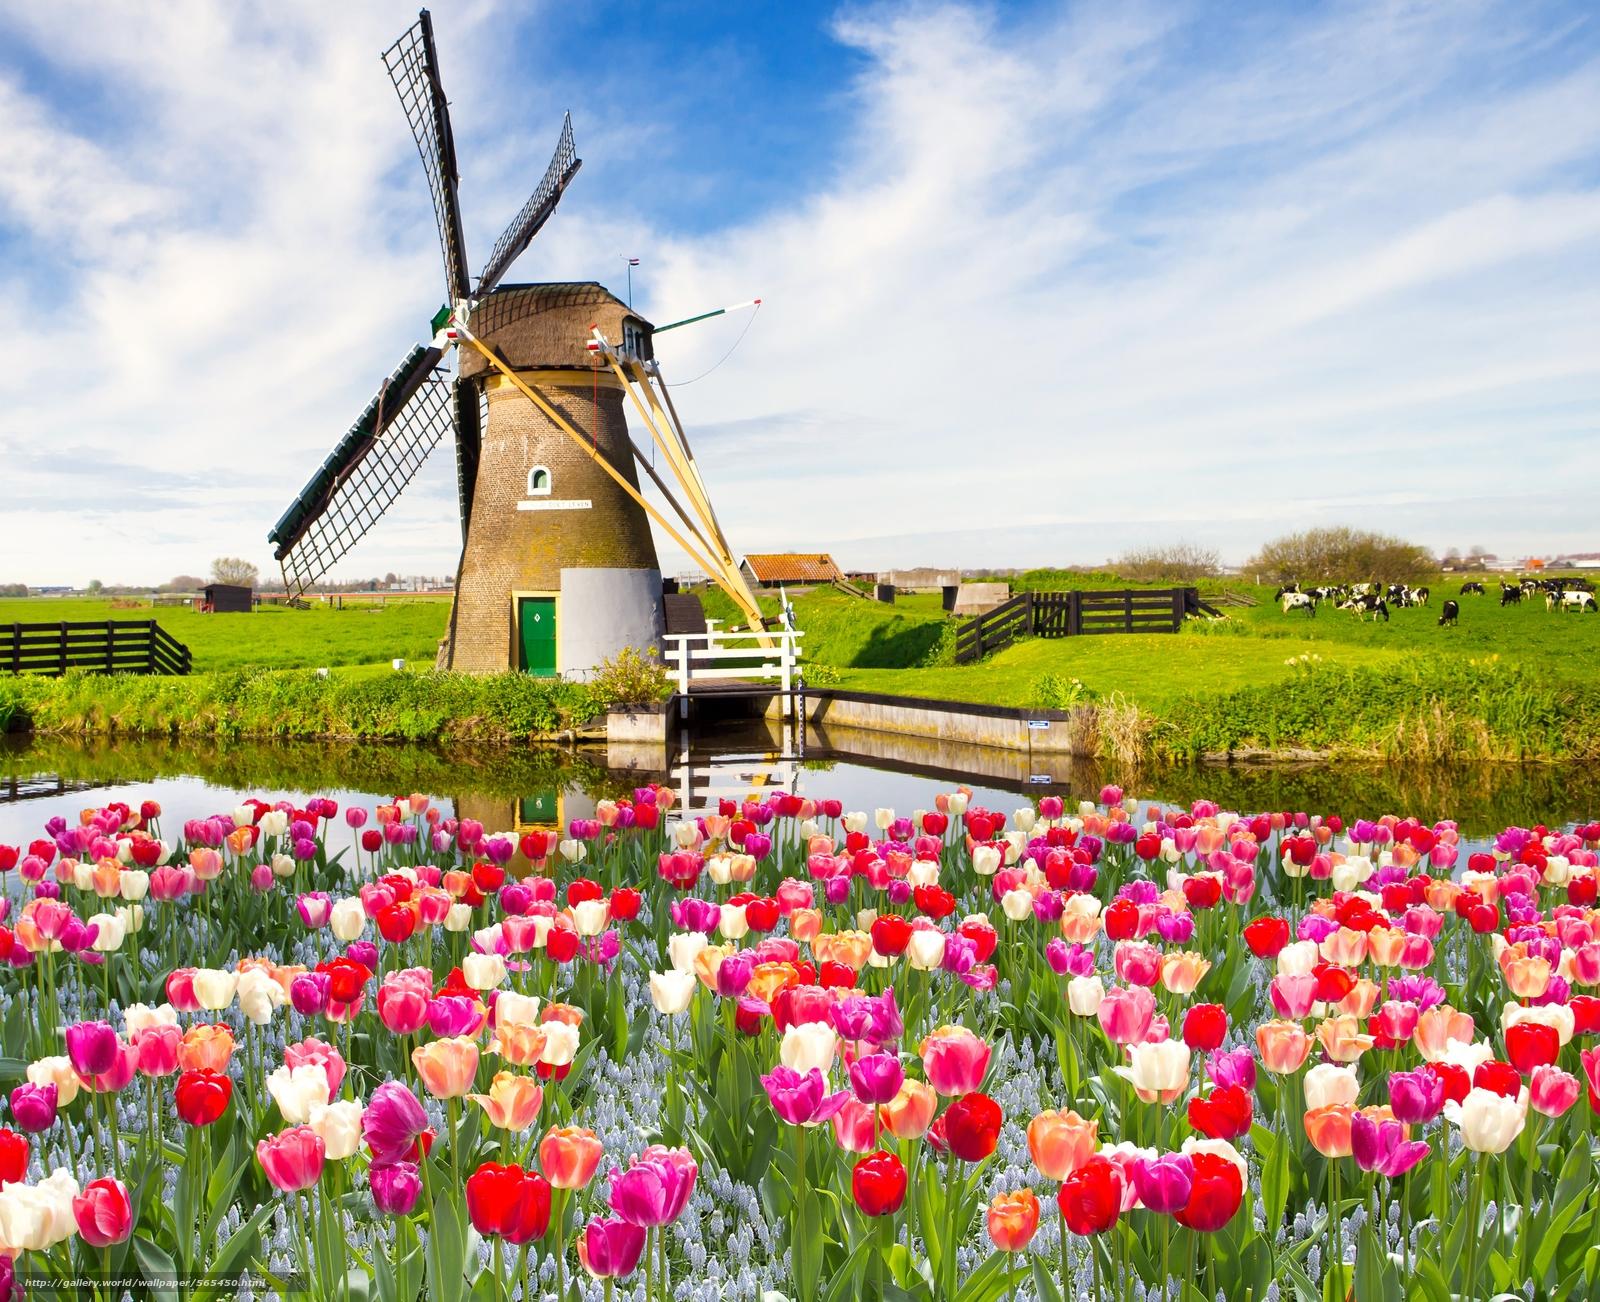 Scaricare gli sfondi paesaggio cielo nuvole primavera for Immagini desktop primavera